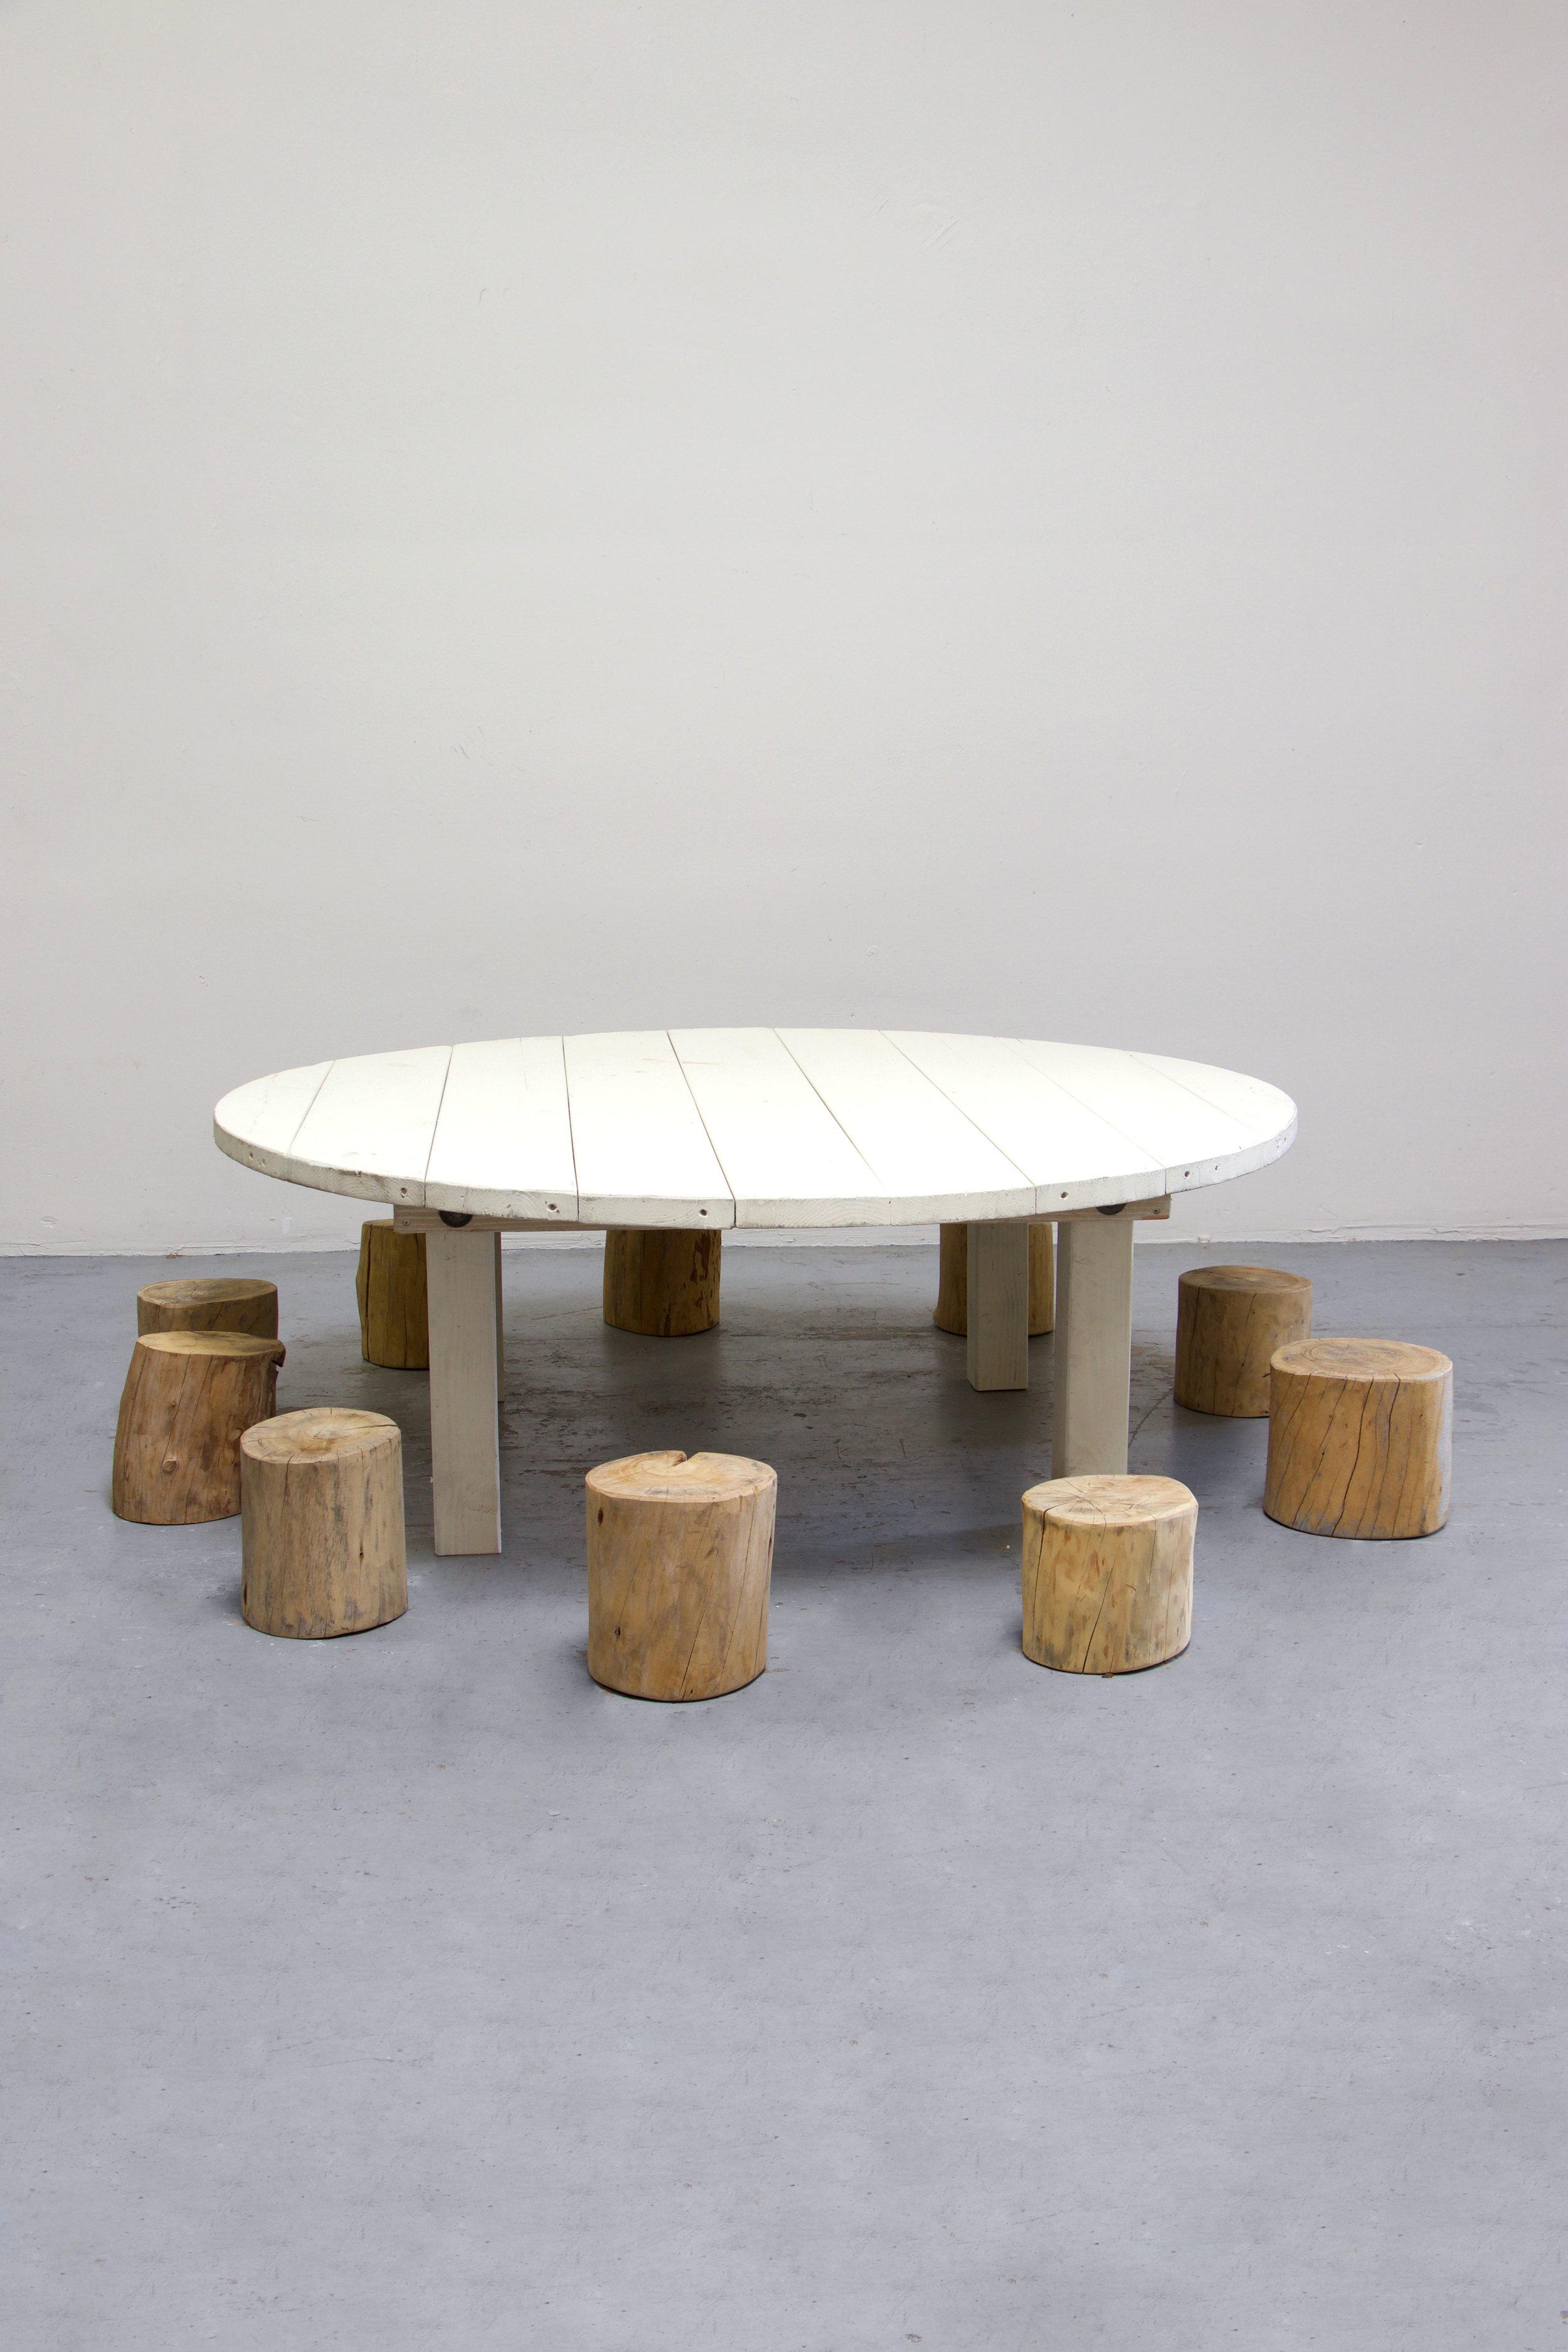 1 Kids Vintage White Round Farm Table w/ 10 Tree Stumps